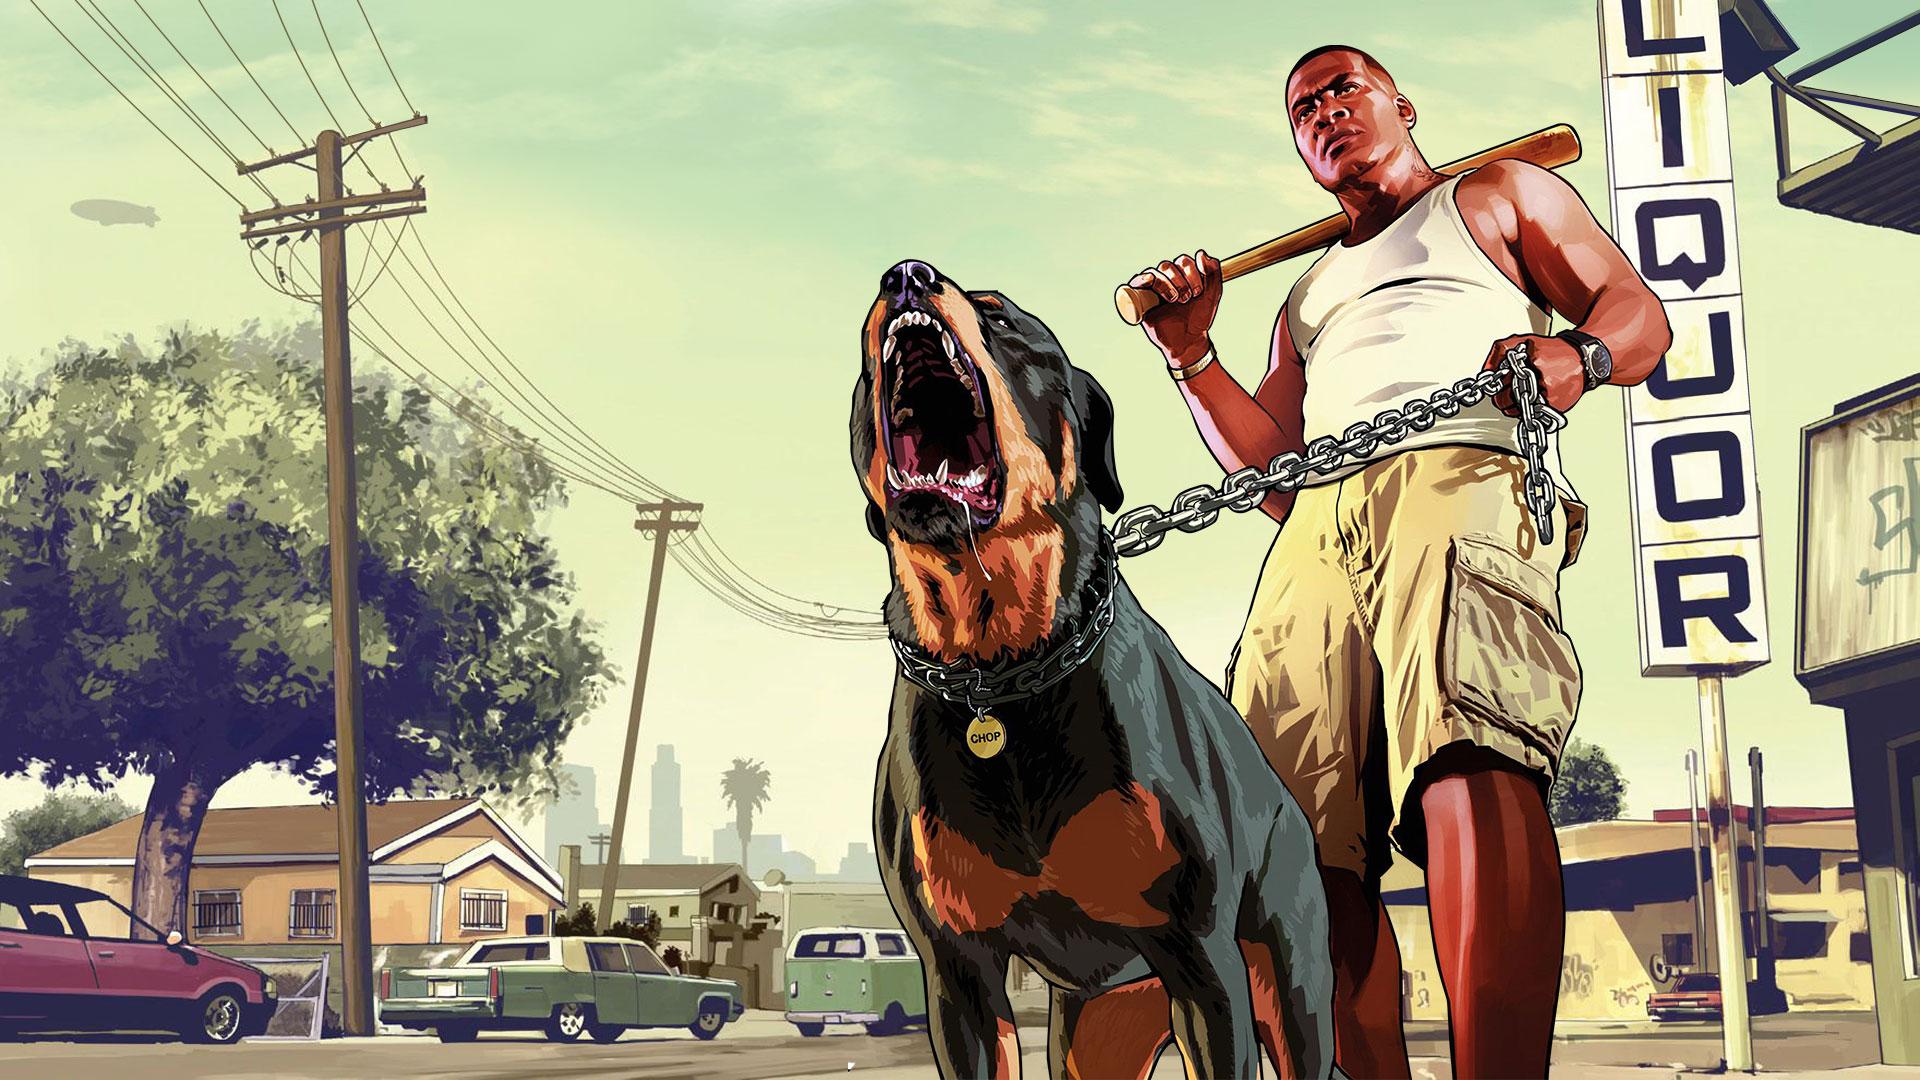 Rockstar lineako joko zerbitzariak desgaitzen ari da.  Ez duzu GTA eta Red Dead Redemption joko bi orduz